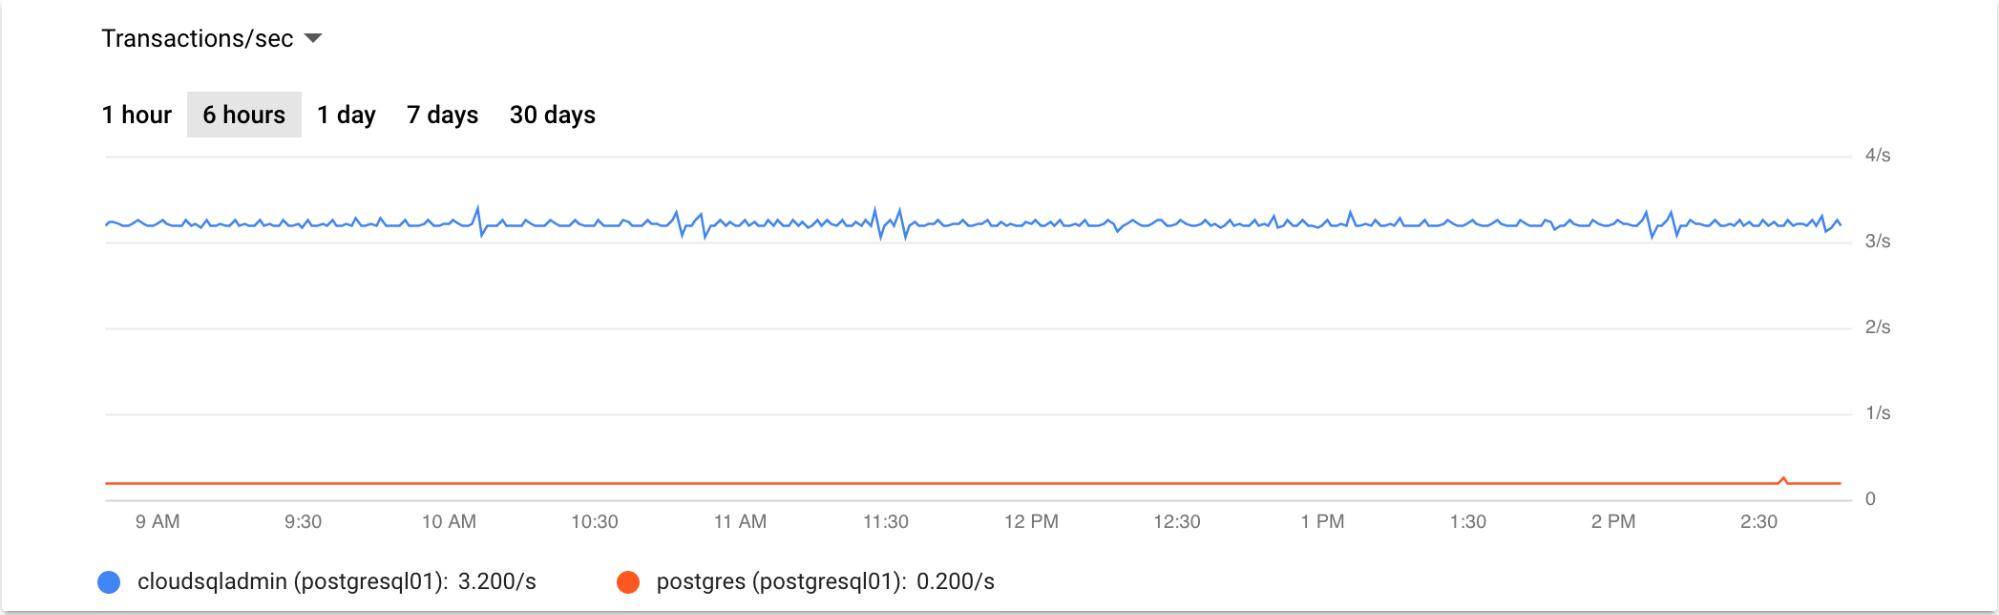 過去 6 時間の 1 秒あたりのトランザクション数を表すグラフ。